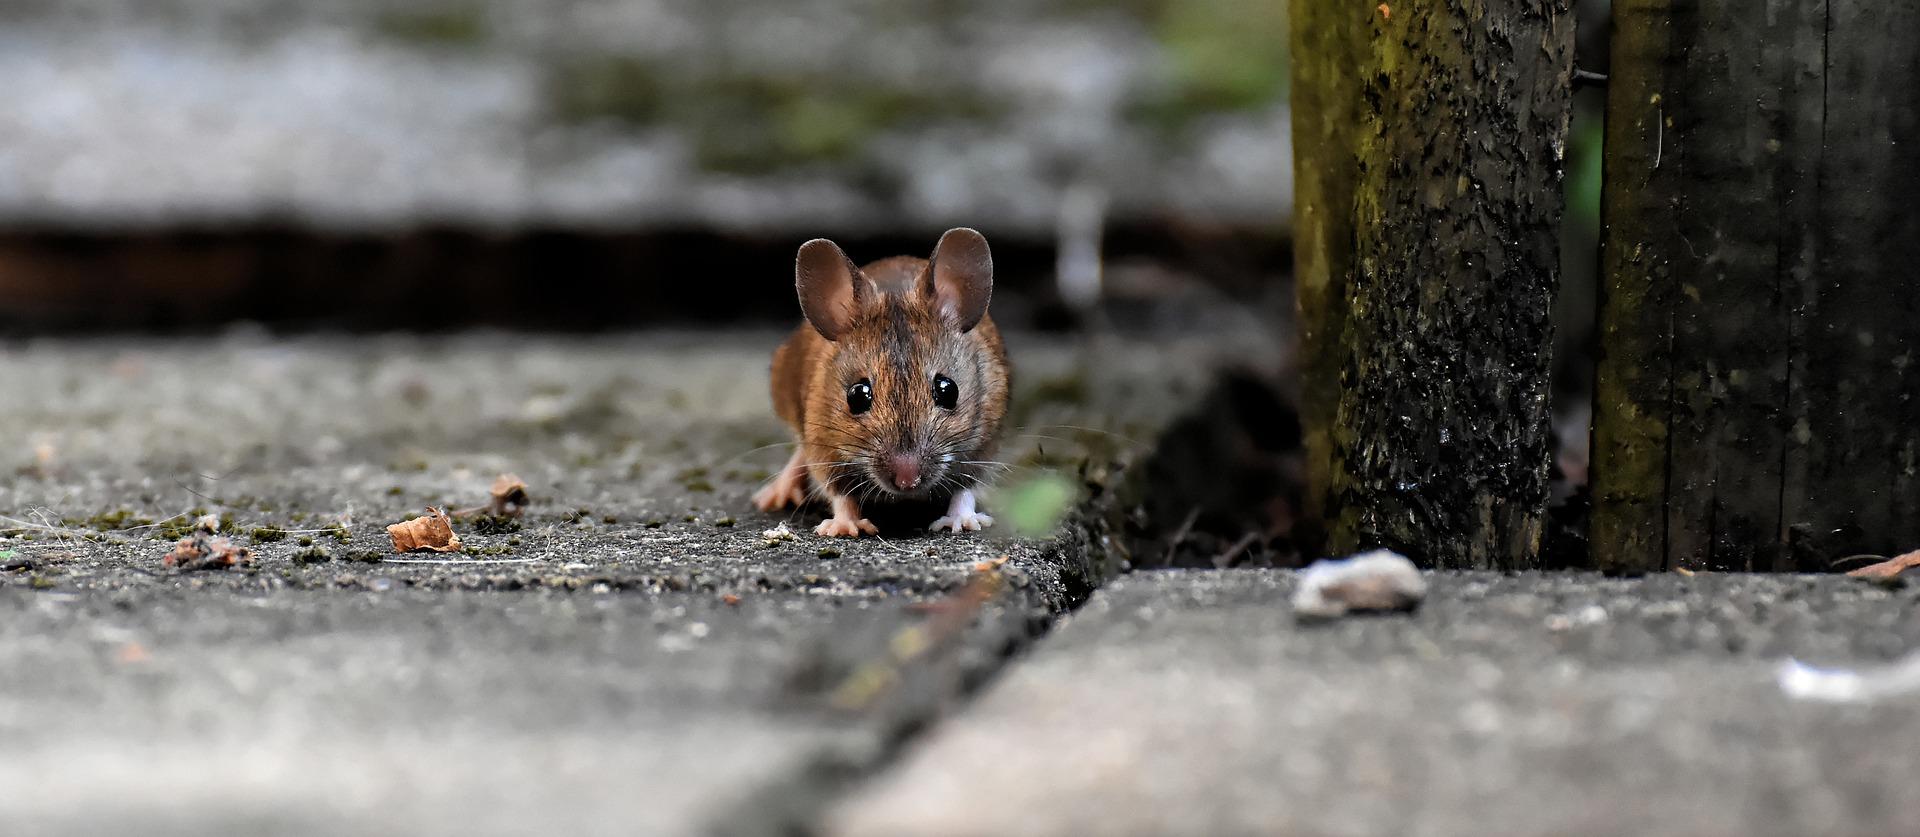 Девушка обнаружила мертвую мышь в пачке макарон